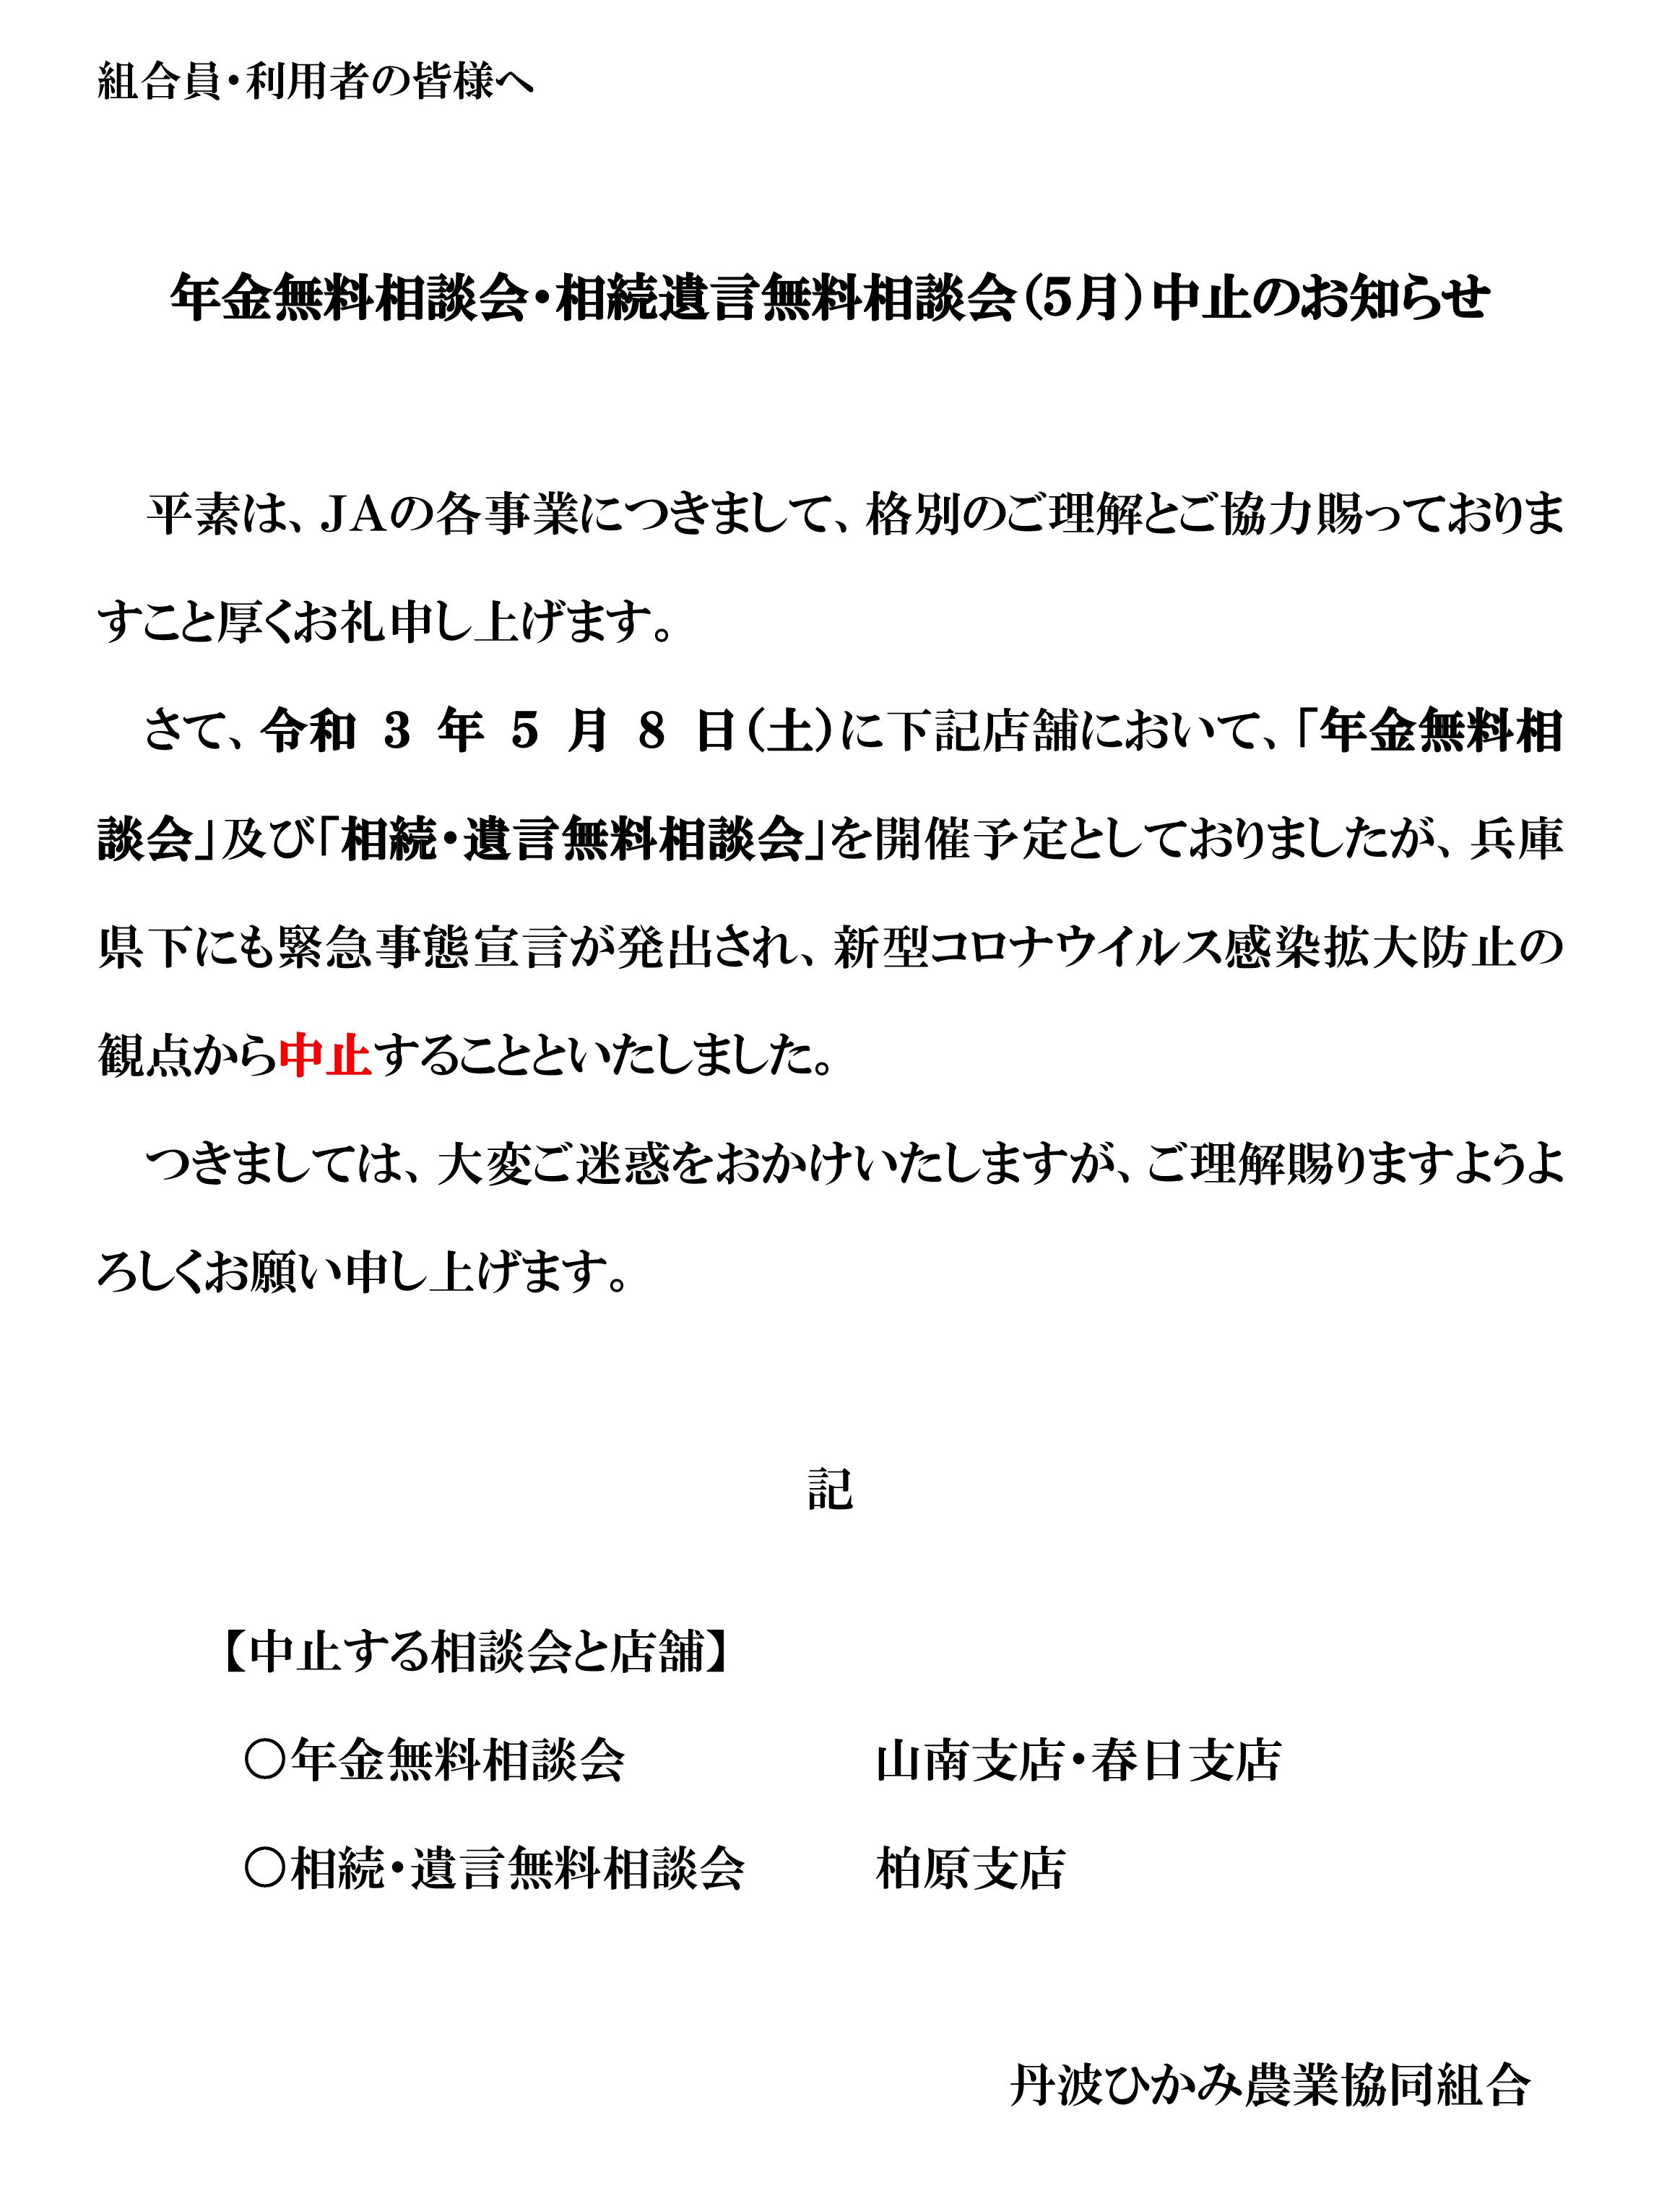 無料相談会中止のお知らせ(R3